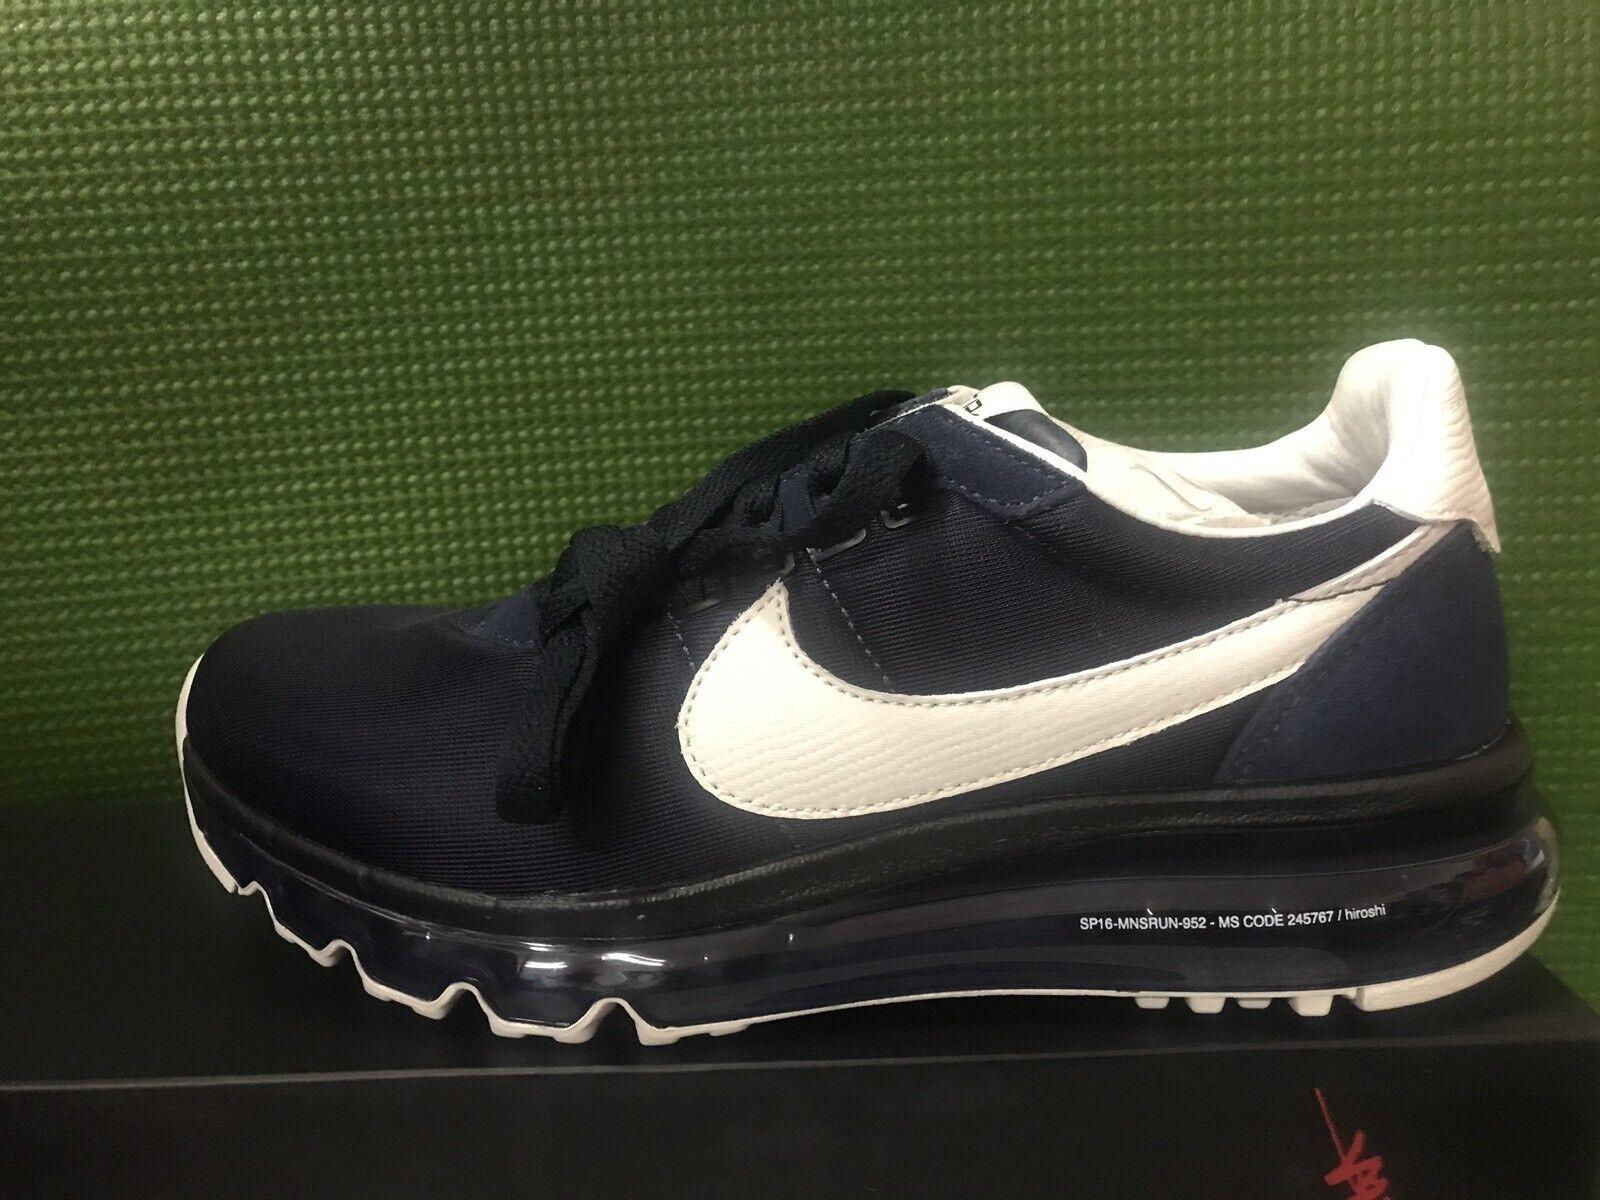 bab1d7193 ... Nike Air Max 2016 LD-Zero LD-Zero LD-Zero Hiroshi Fujiwara shoes ...